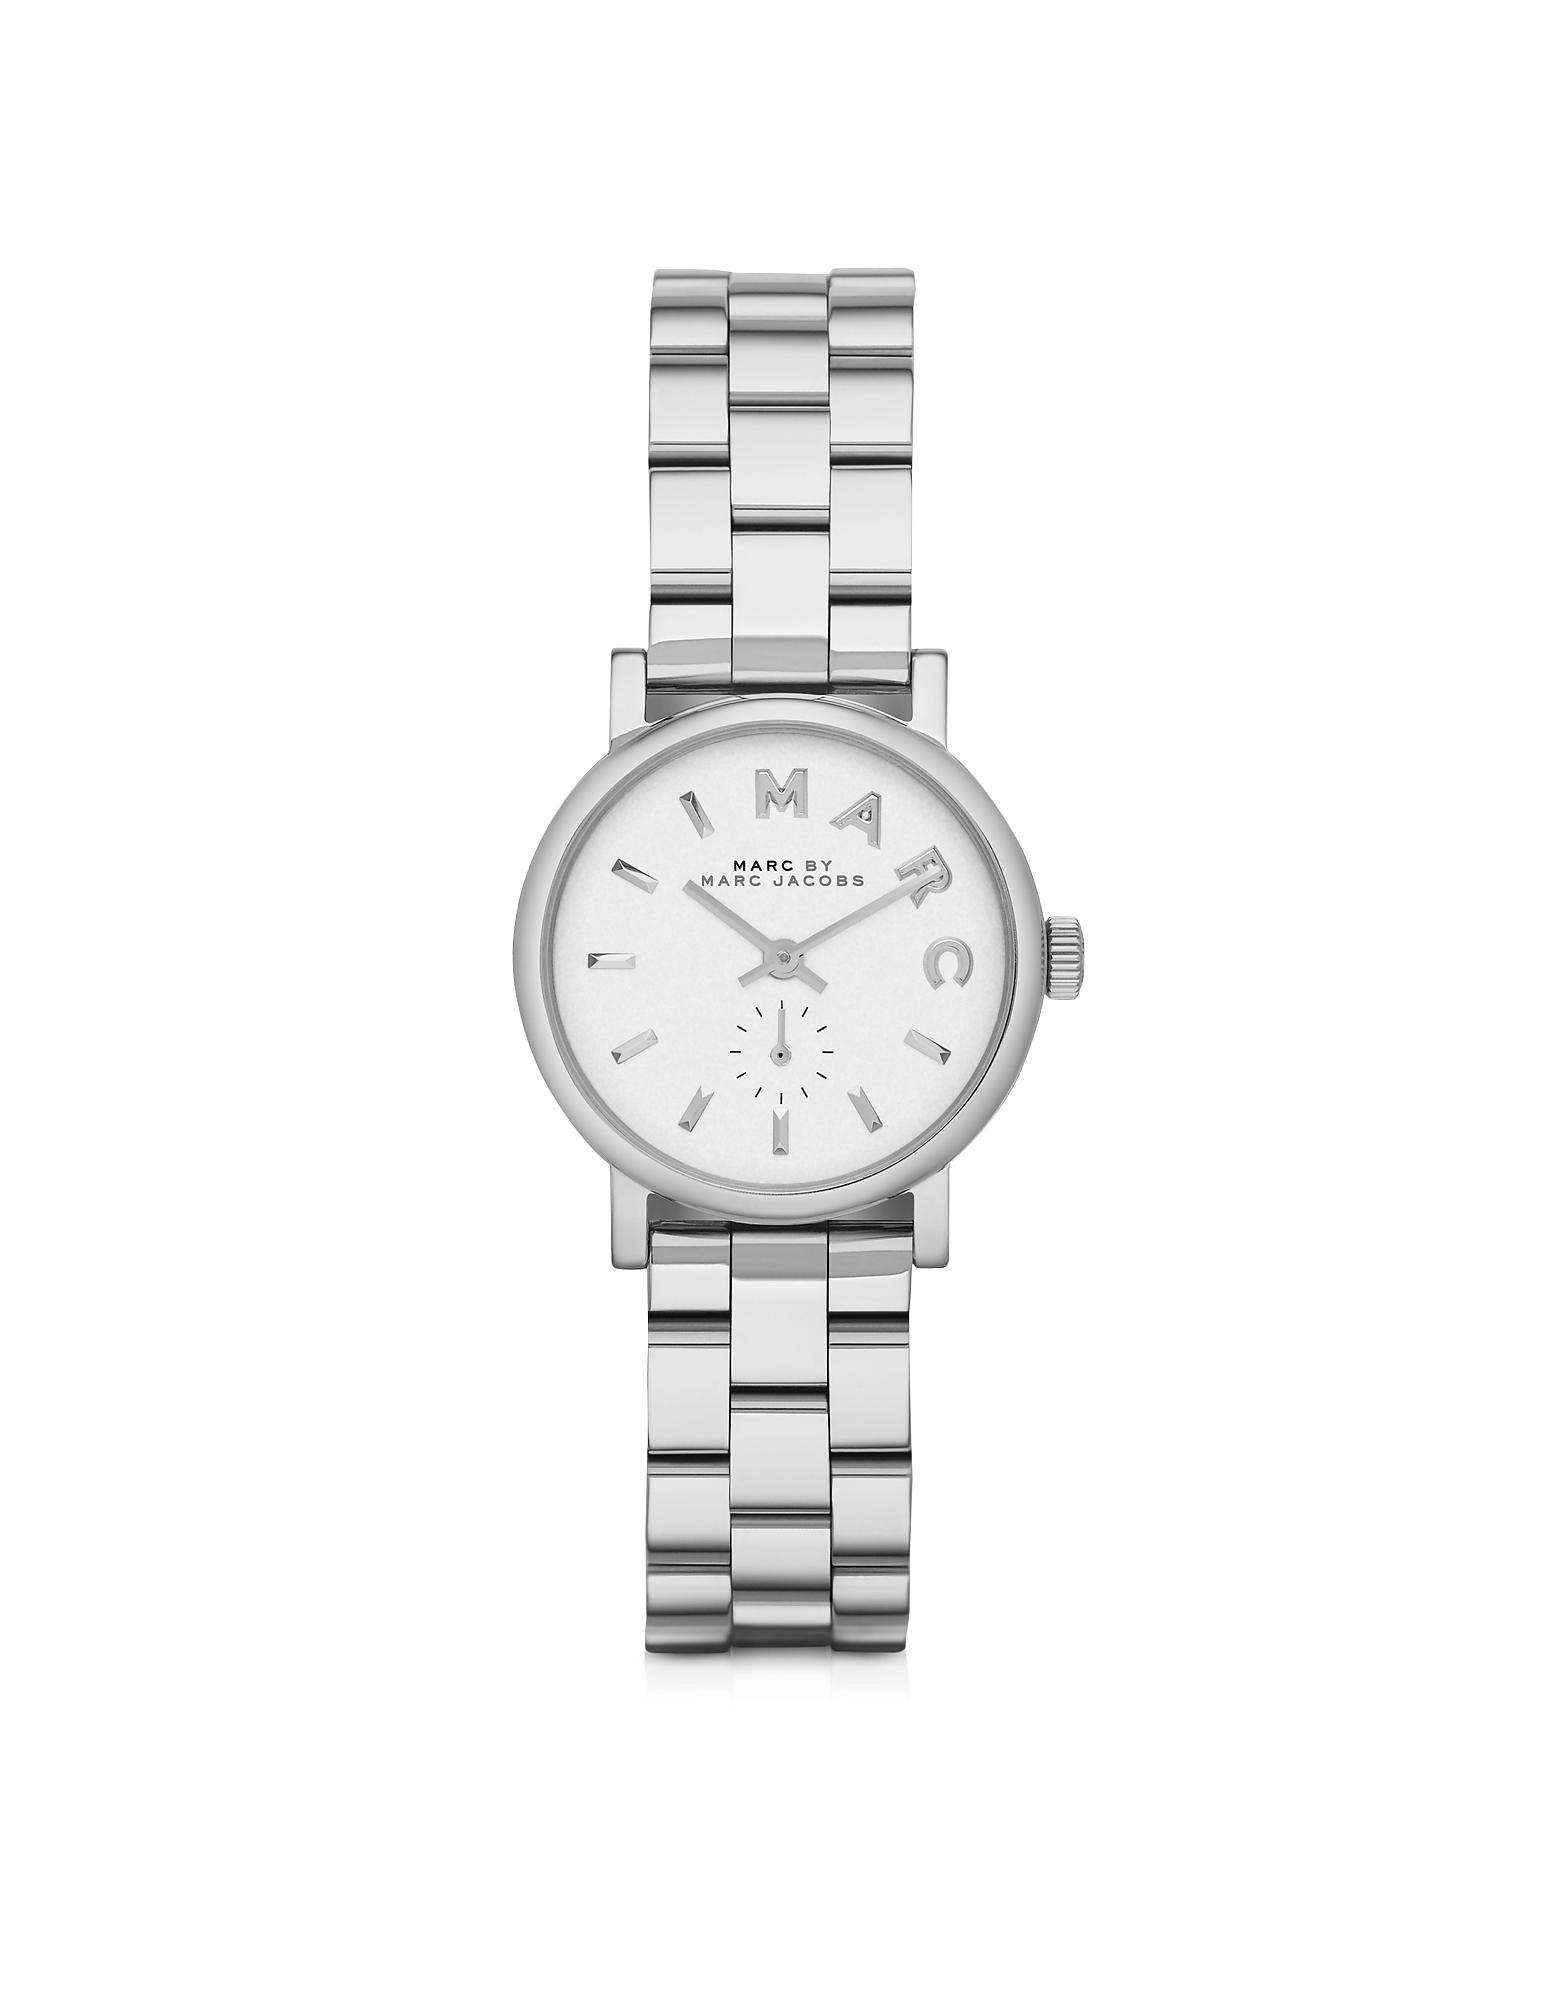 Baker 28 MM - Женские Часы из Серебристой Нержавеющей Стали